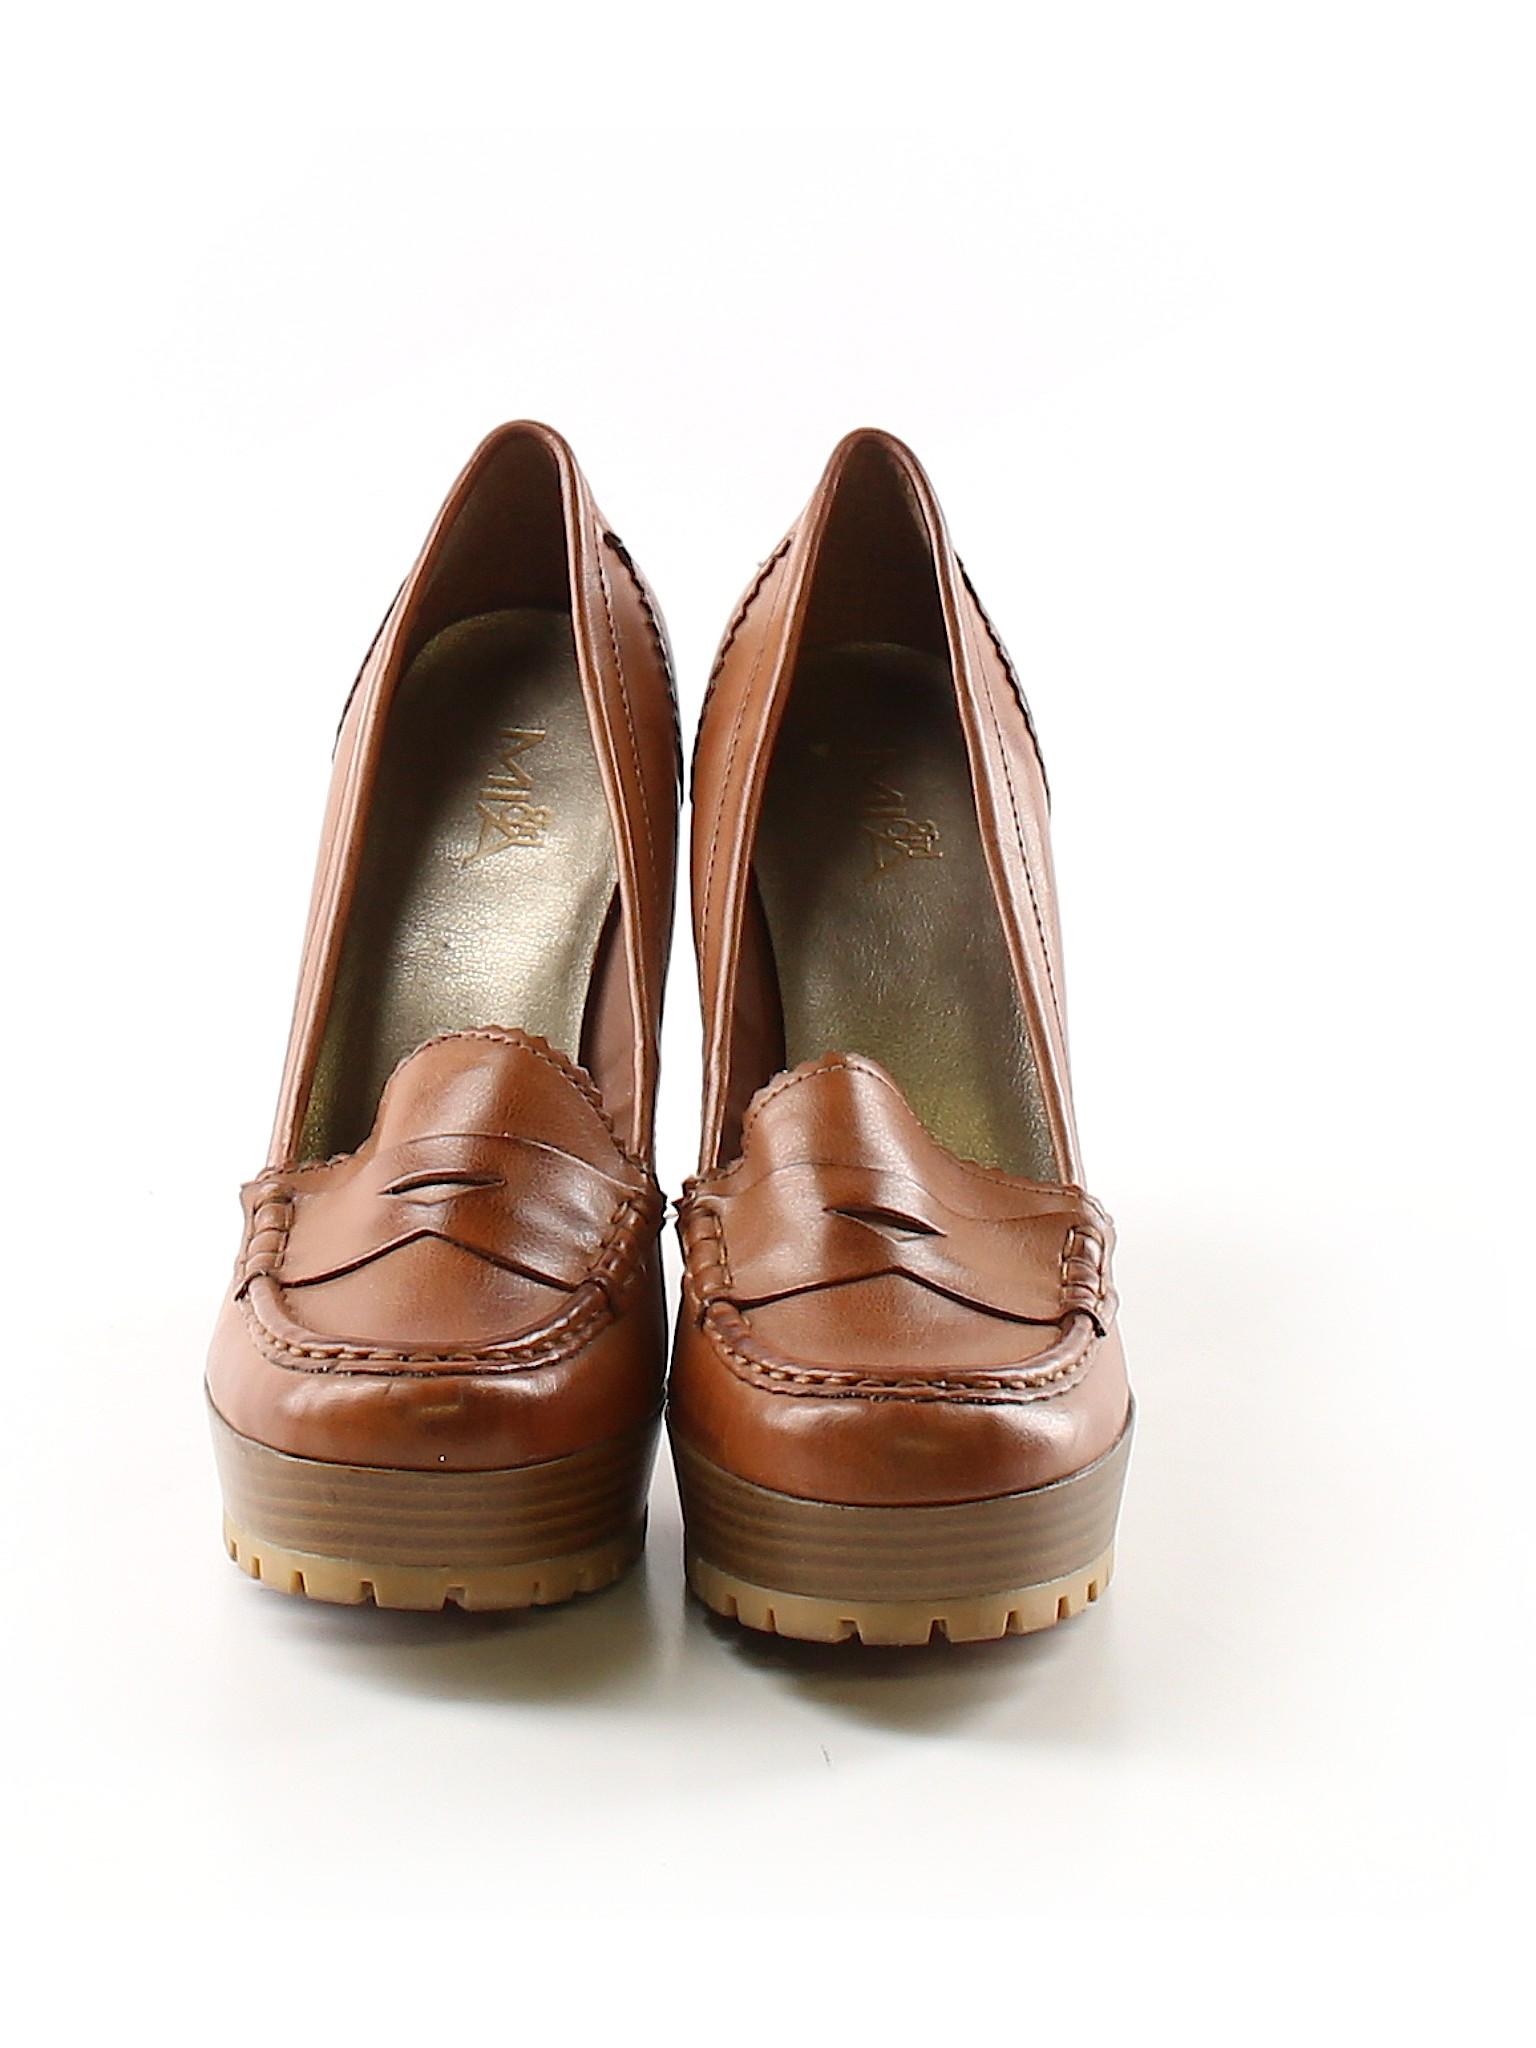 Boutique promotion Girl Boutique promotion Mia Heels Mia H1Uq0d0